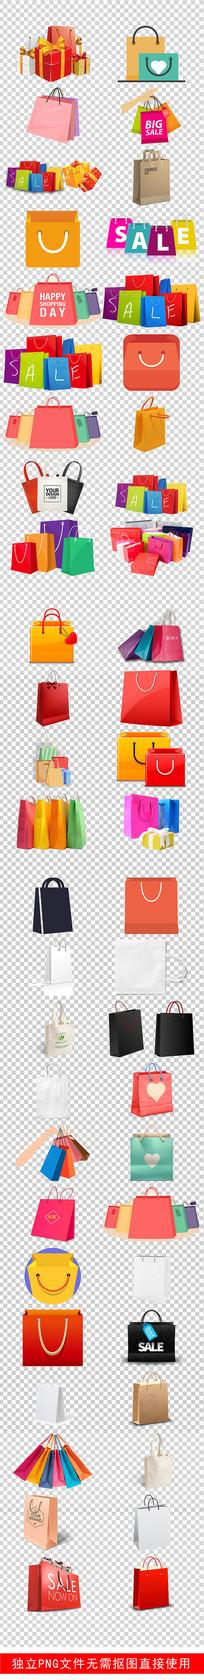 猪年2019购物袋礼品袋素材